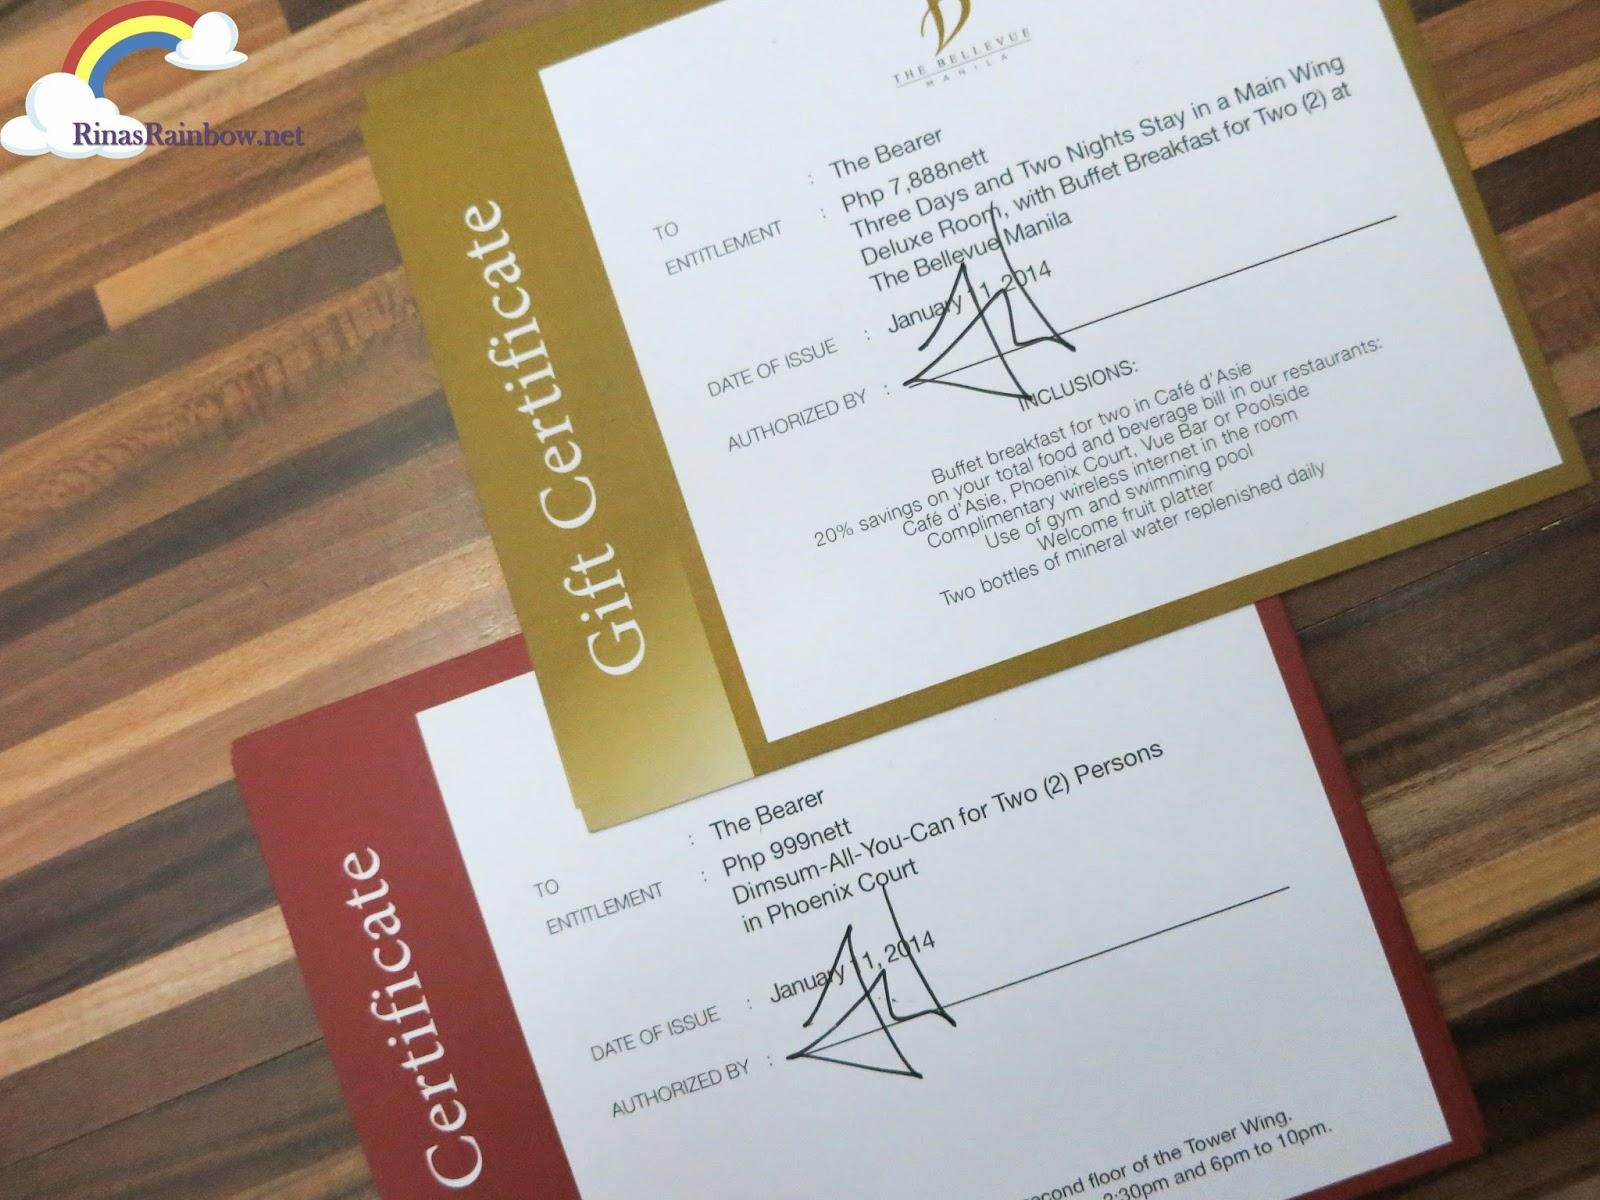 bellevue hotel manila gift certificate big sale